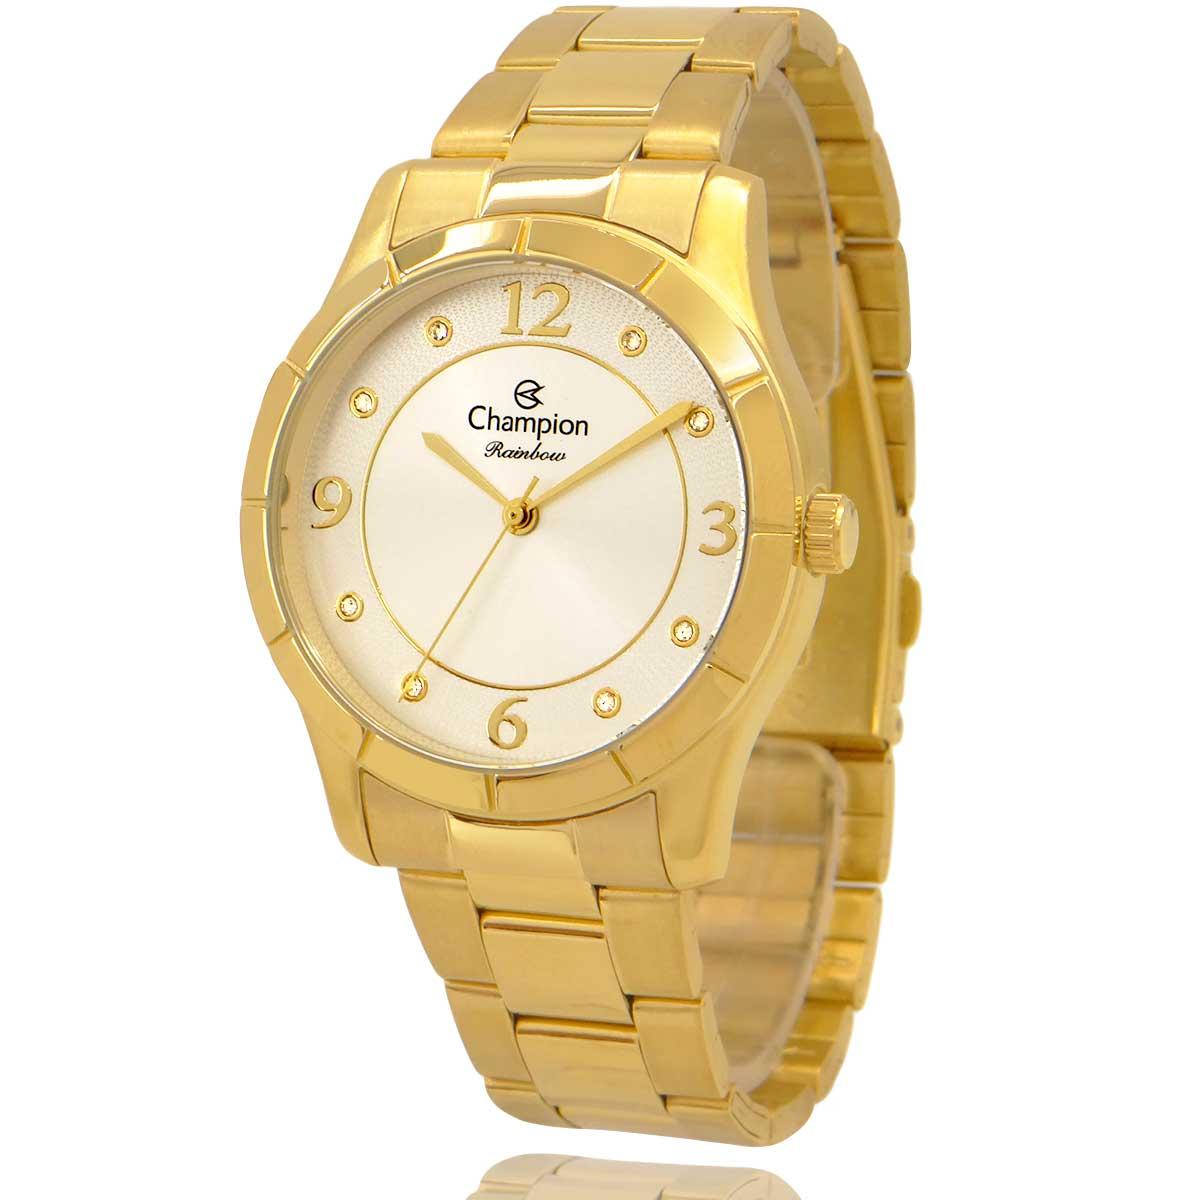 Relógio Champion Feminino Dourado e Branco com Colar e Brincos CN29909W